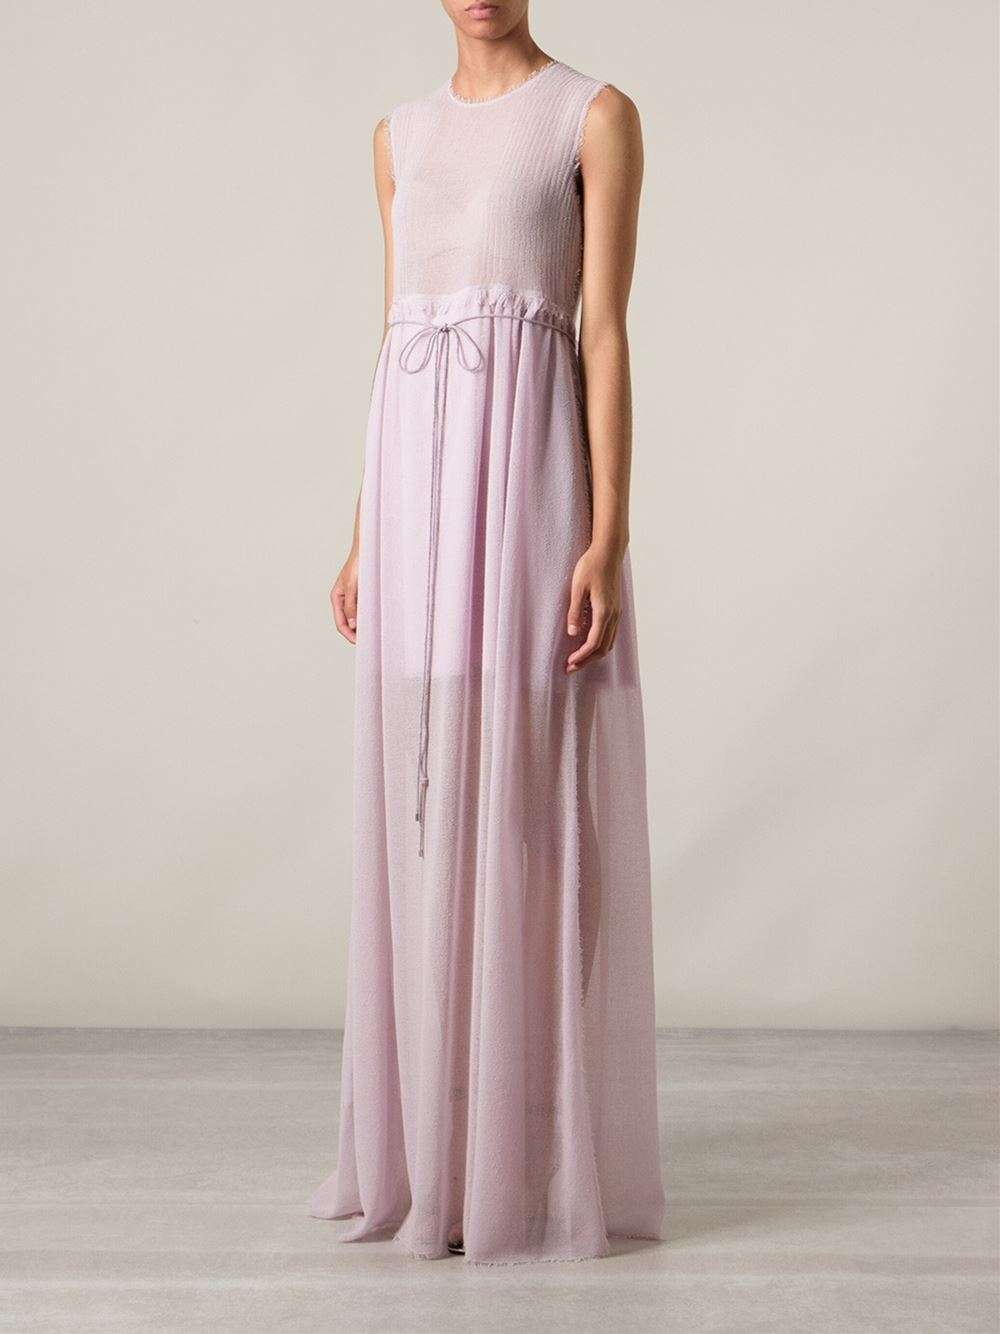 Lyst - Calvin Klein Evening Gown in Purple